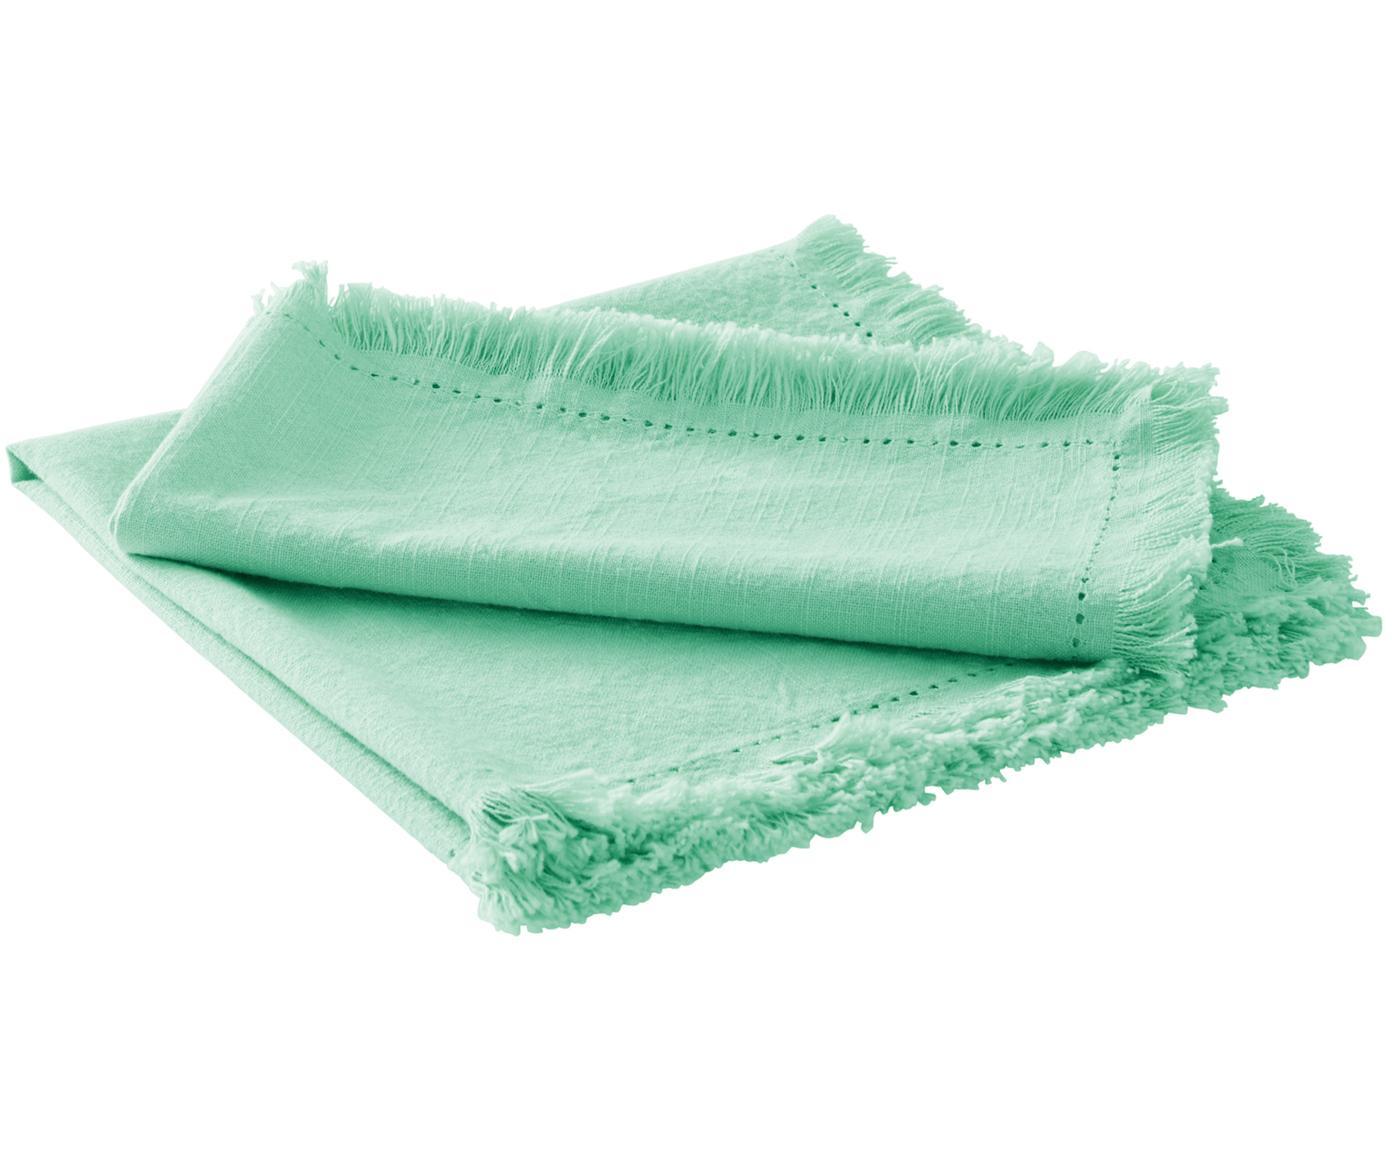 Serwetka z bawełny z frędzlami Hilma, 2 szt., Bawełna, Zielony miętowy, S 45 cm x D 45 cm